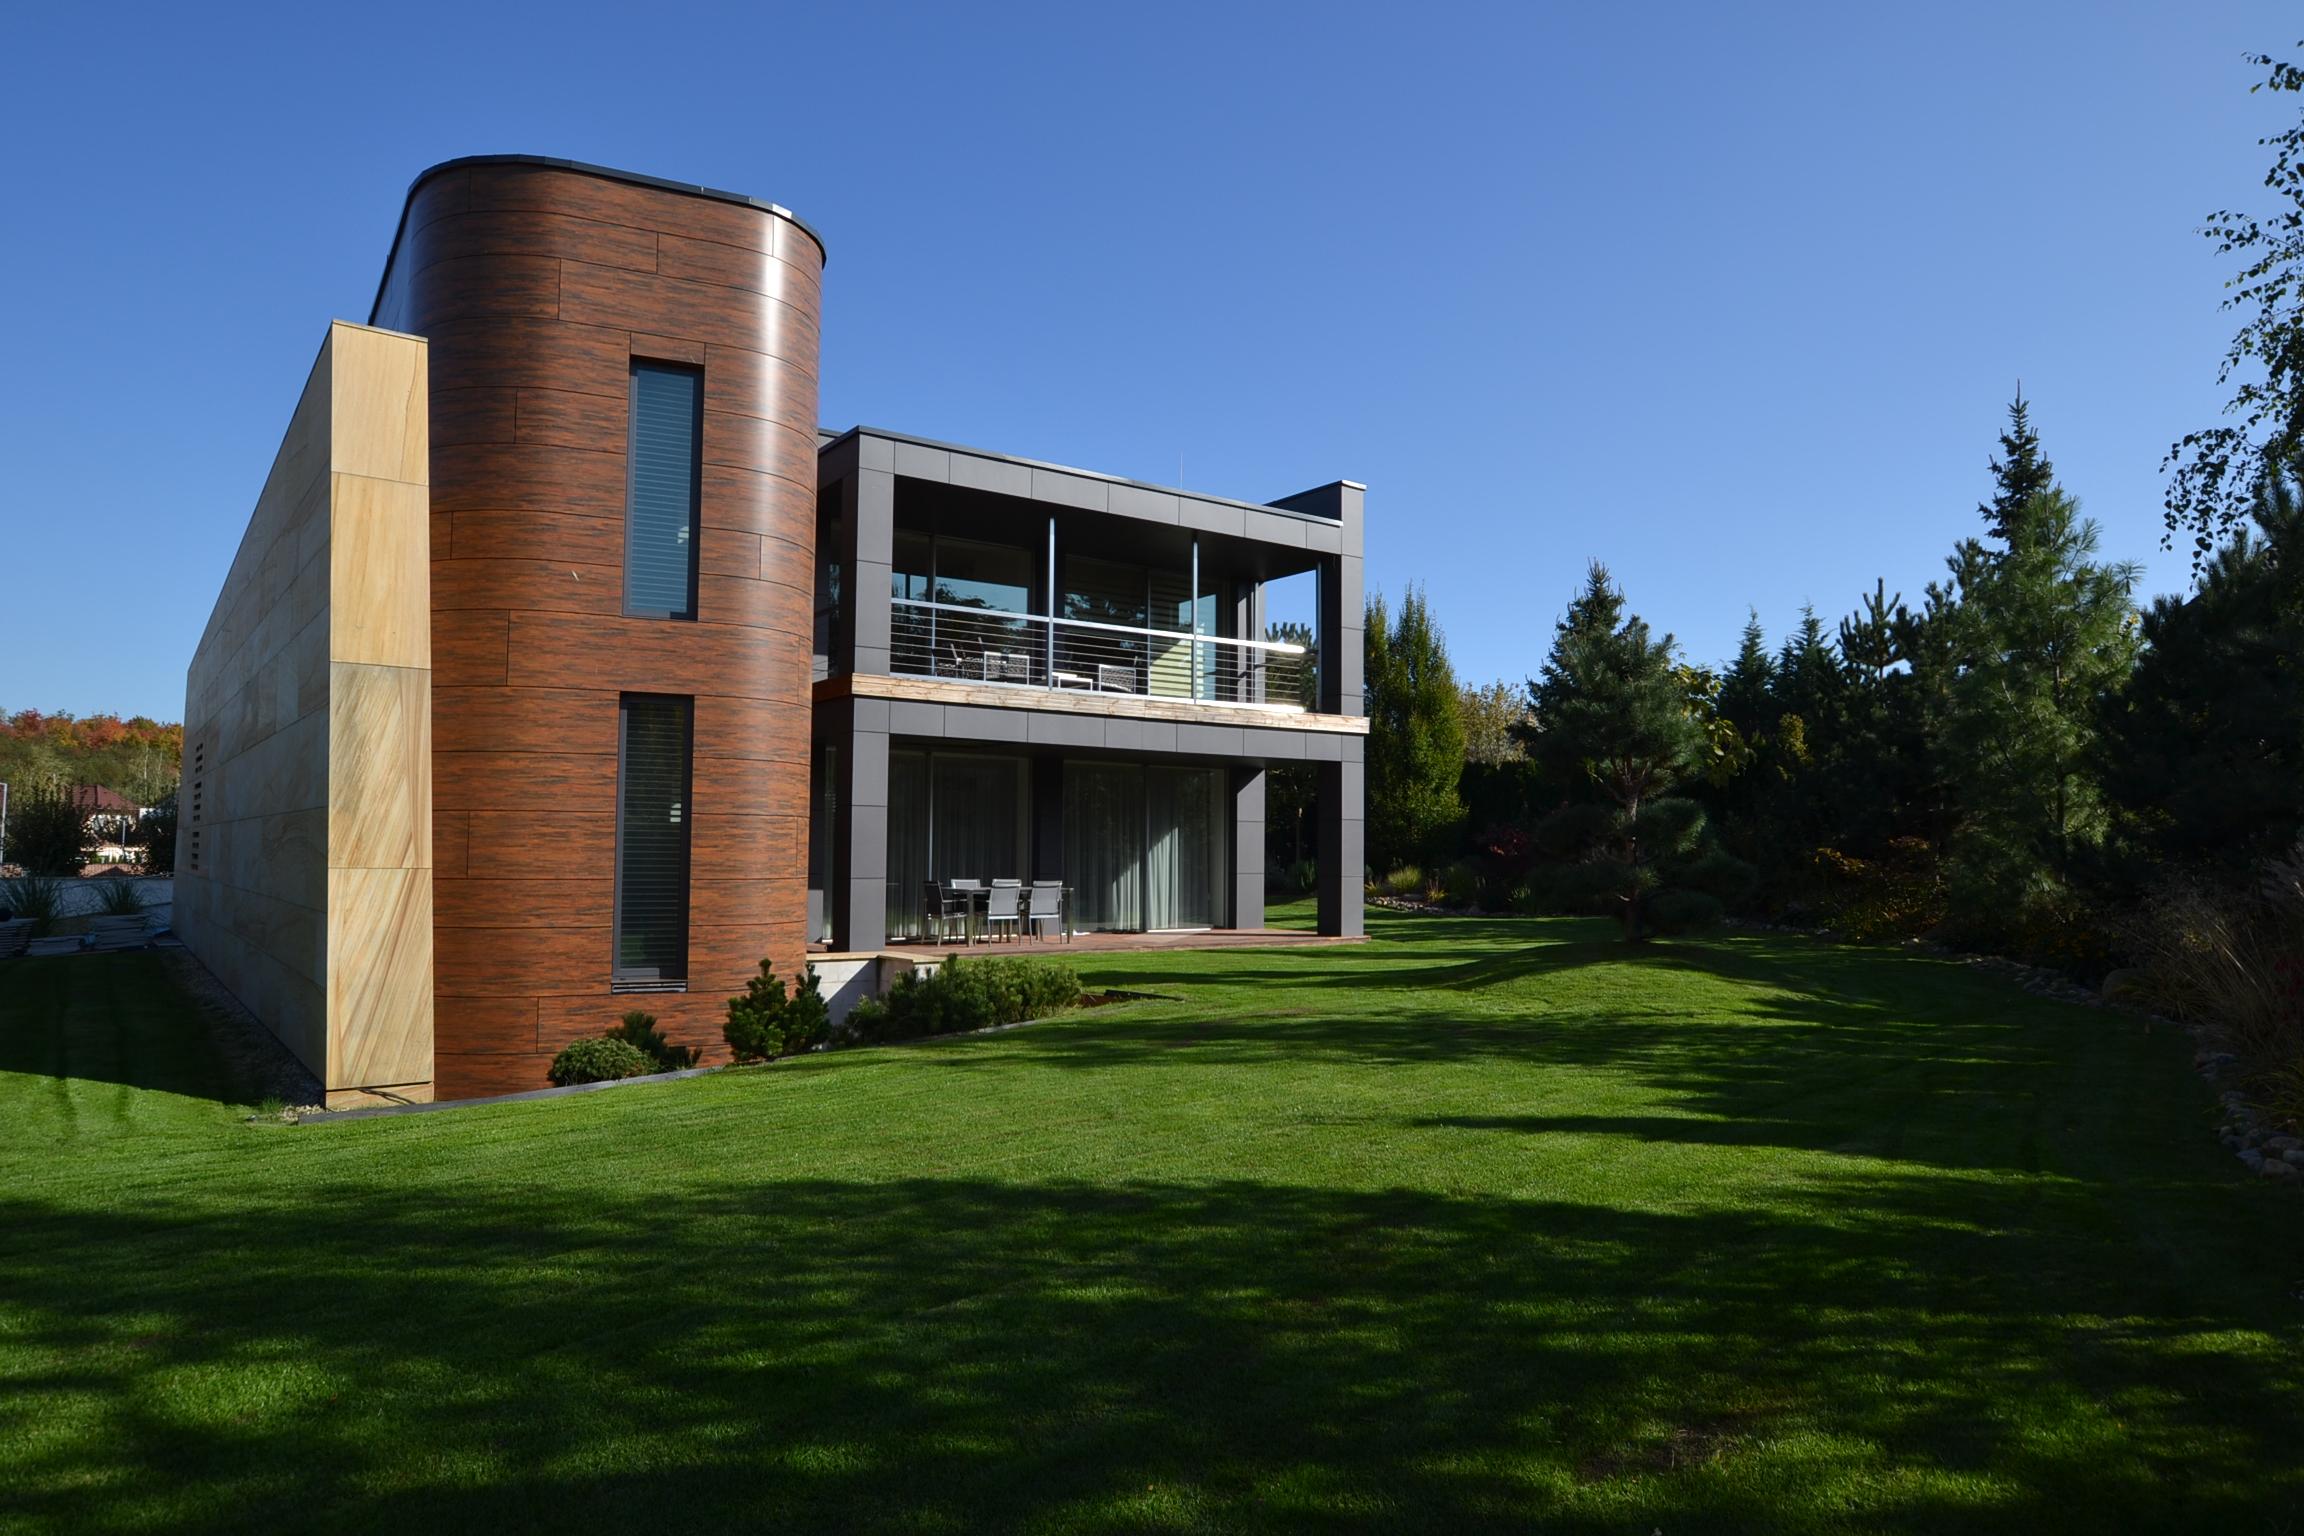 Prodej domu 7+1, <span>Praha západ Průhonice</span> <i> 649 m<sup>2</sup></i>